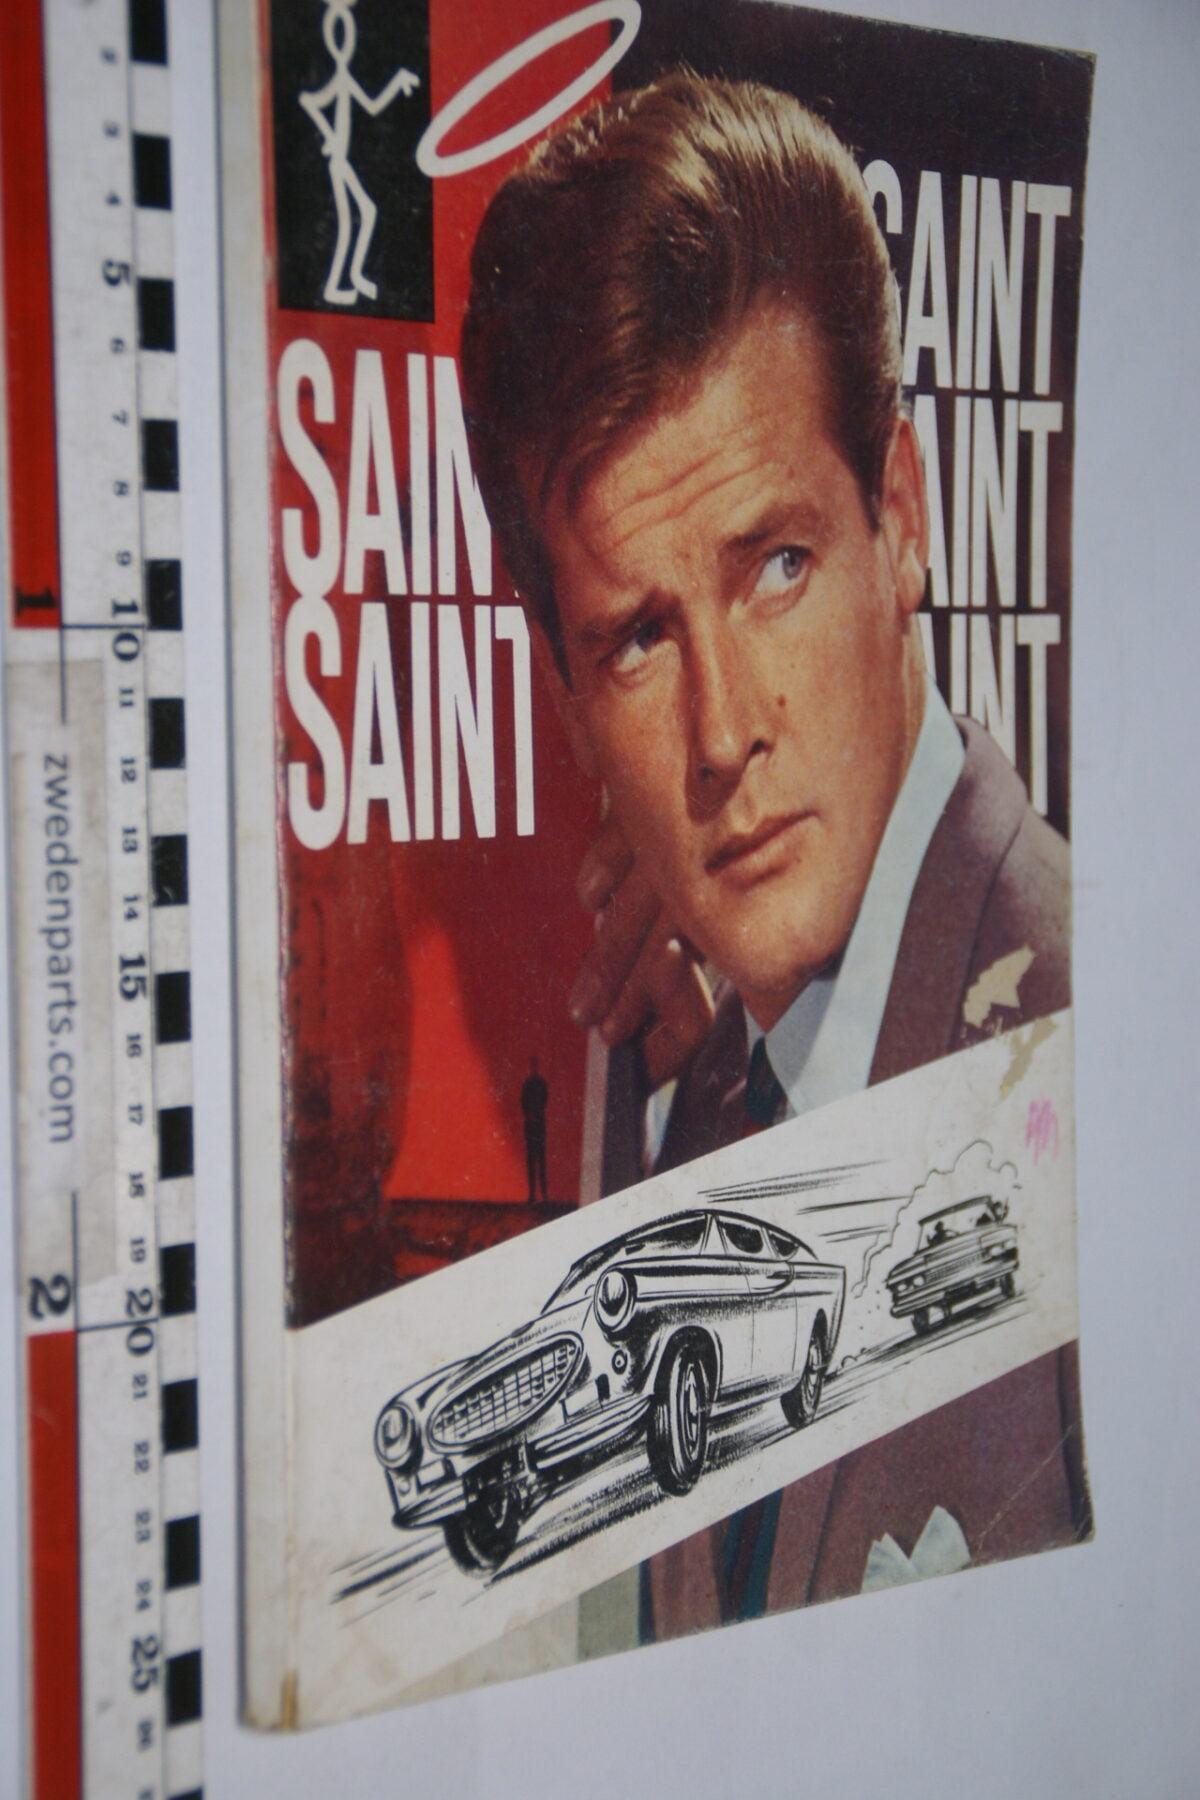 DSC02608 1967 origineel boek De Saint met Volvo P1800-2d5328bb